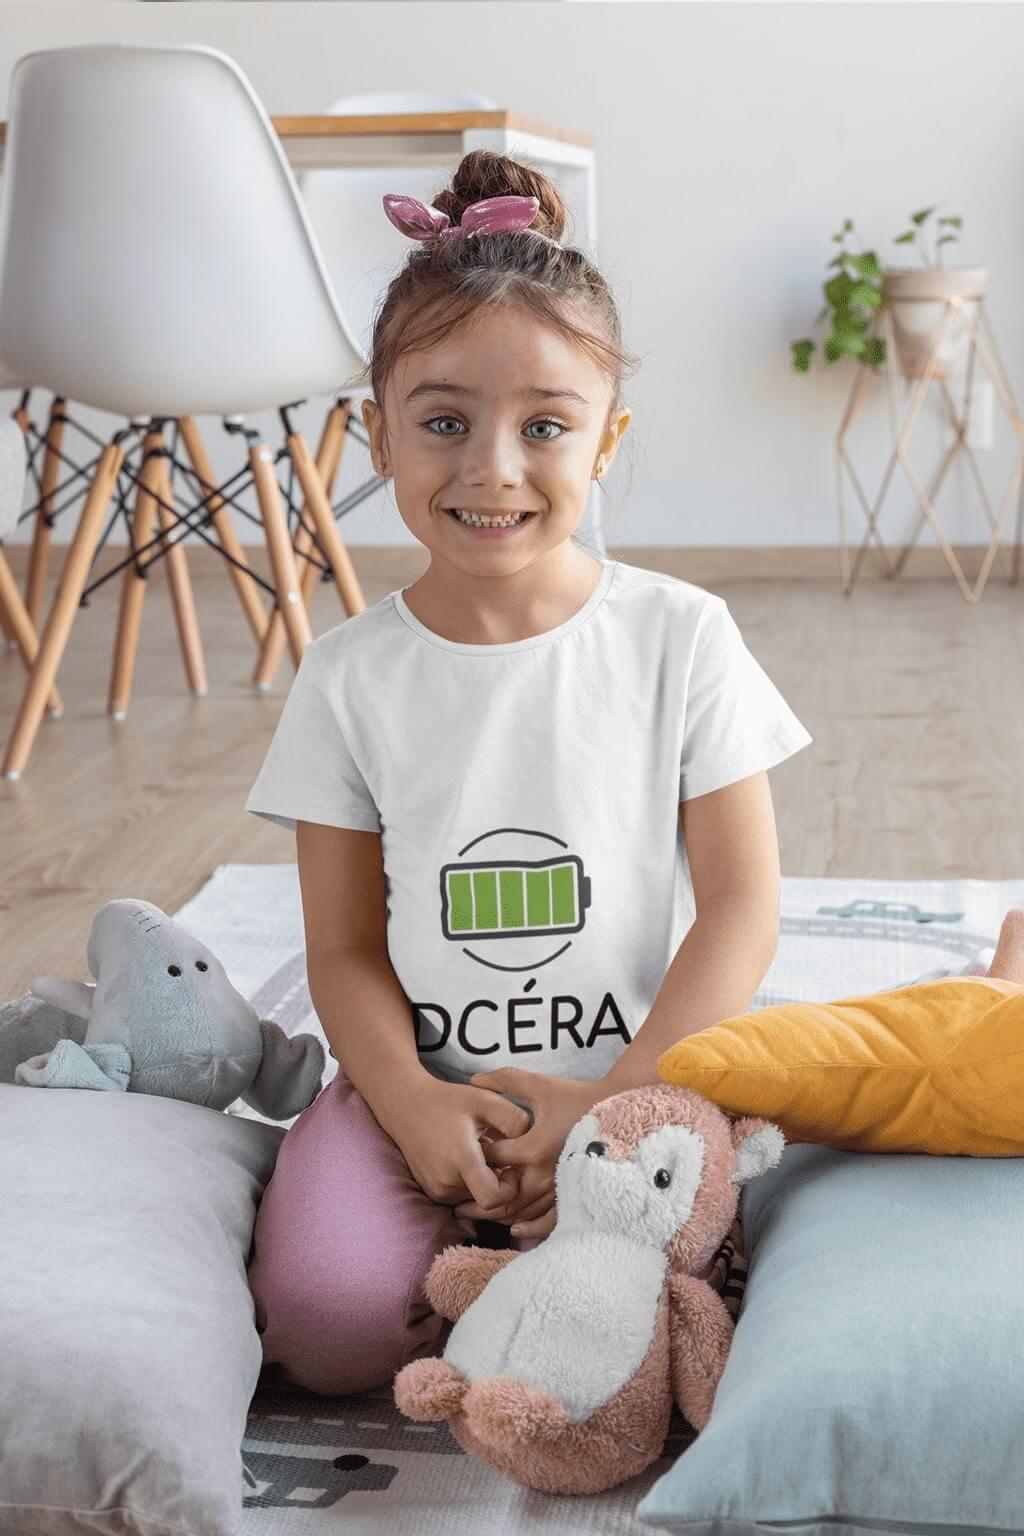 MMO Tričko pre dcéru baterka Detská veľkosť: 110/4 roky